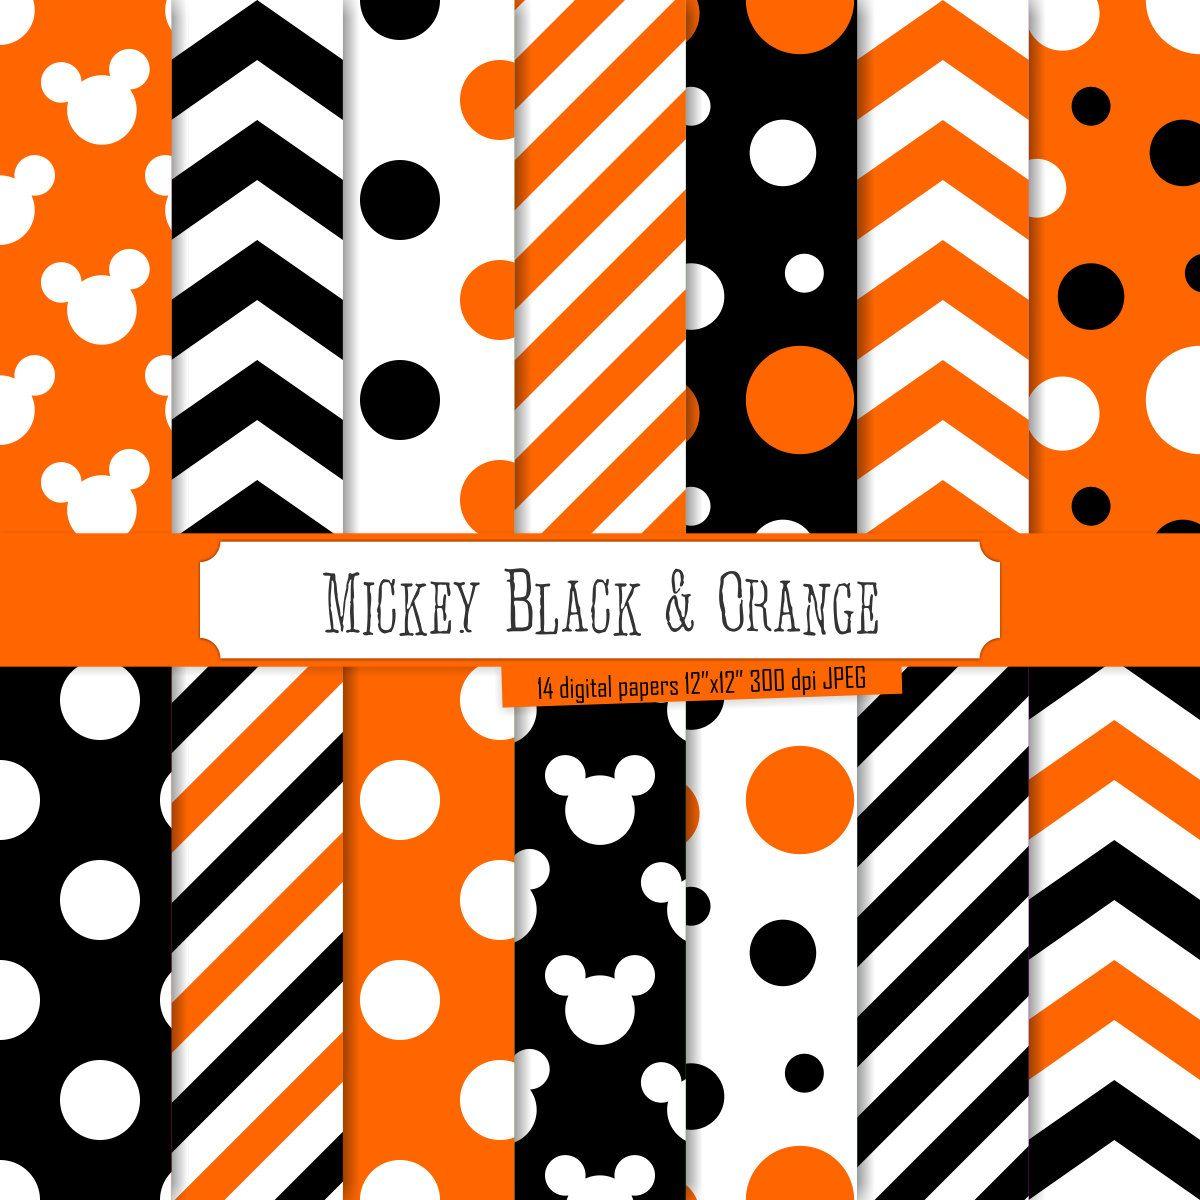 Buy 2 Get 1 Free! Digital Paper Mickey Black & Orange